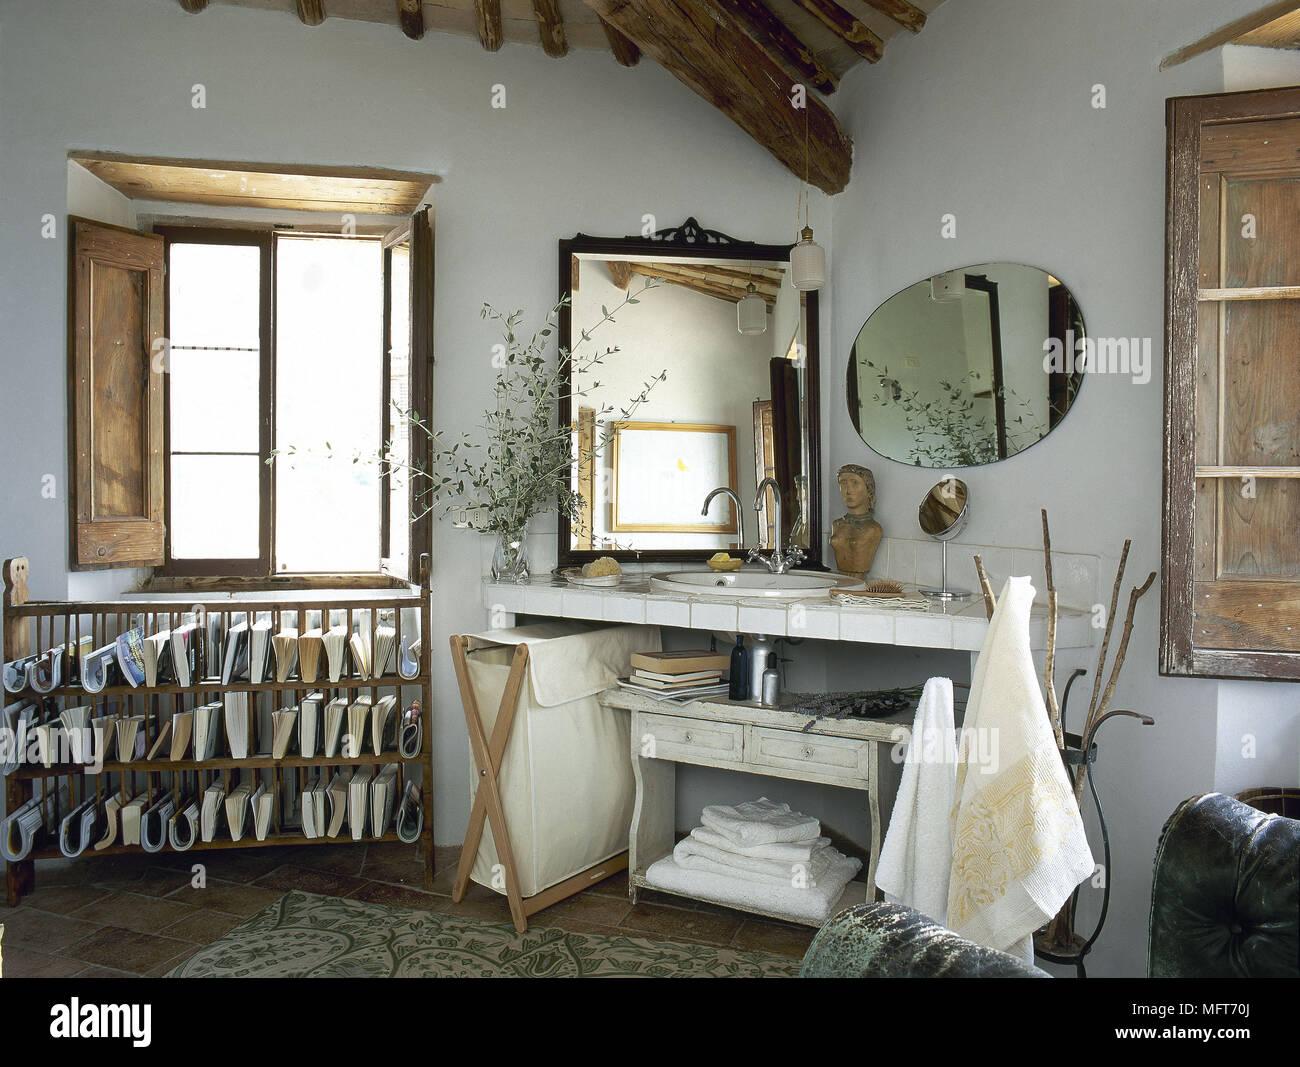 Rustic country bathroom washbasin in ceramic surround for Arredamento rustico italiano